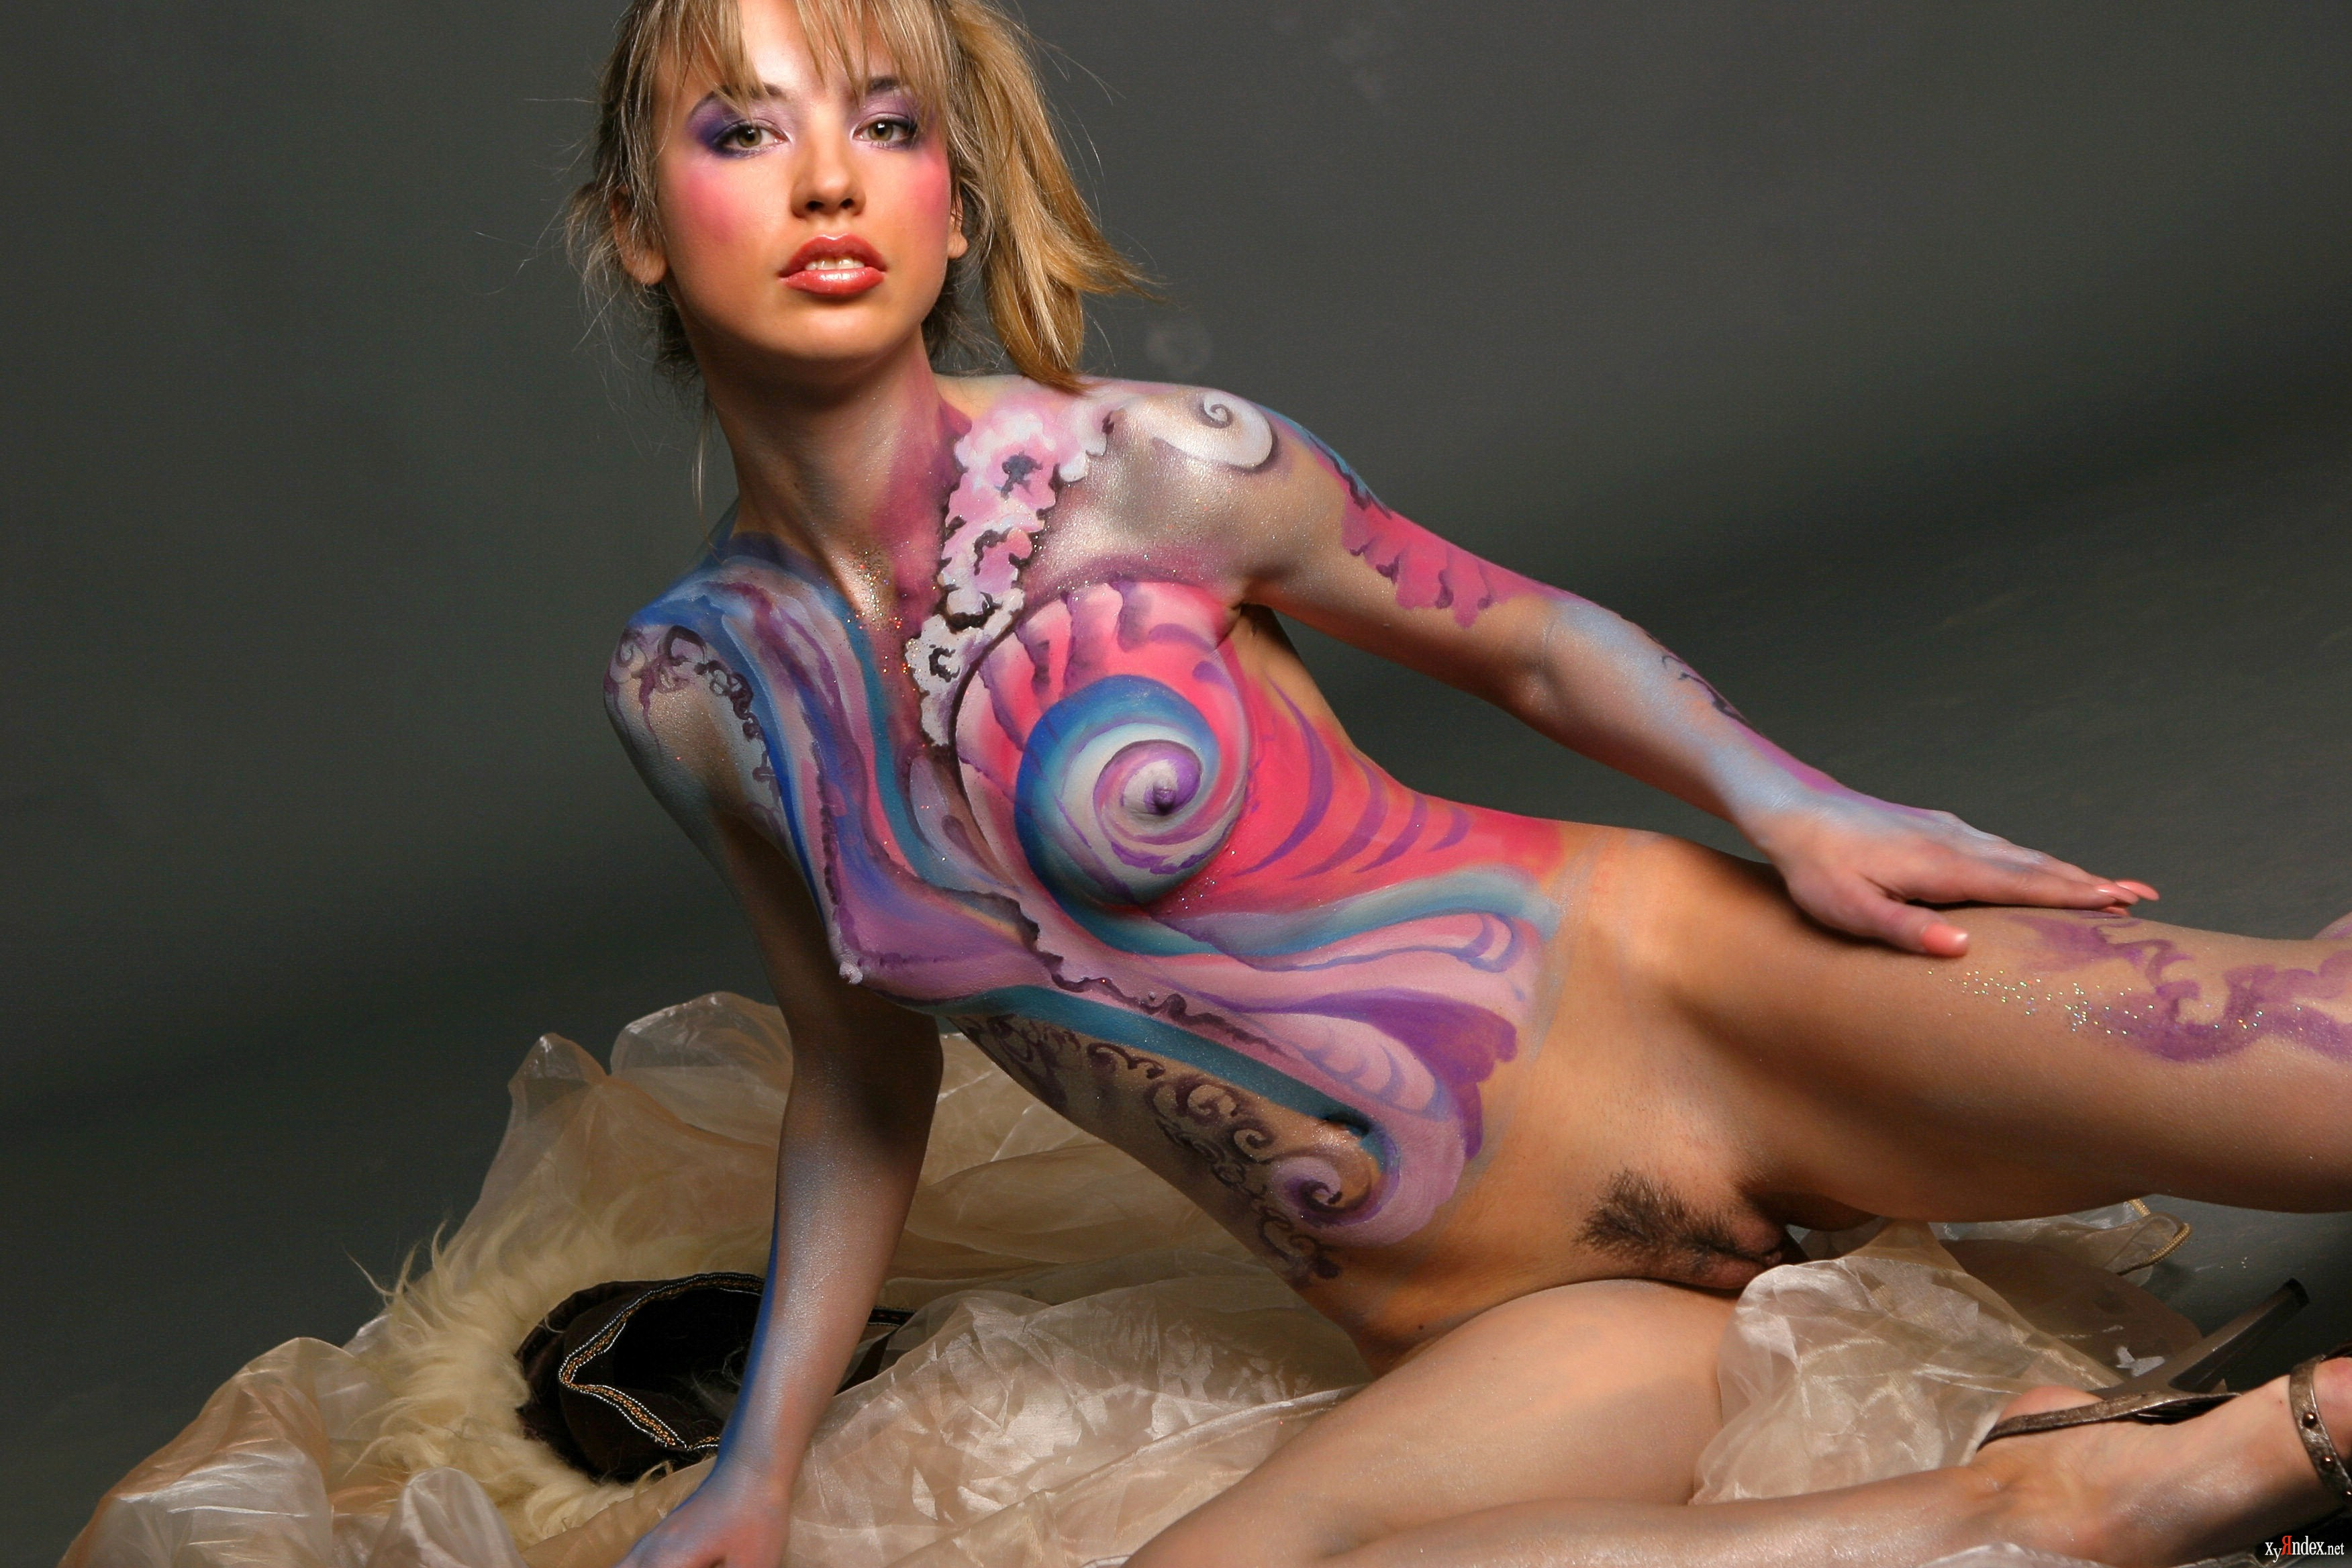 Как рисуют одежду на голых девушках видео 7